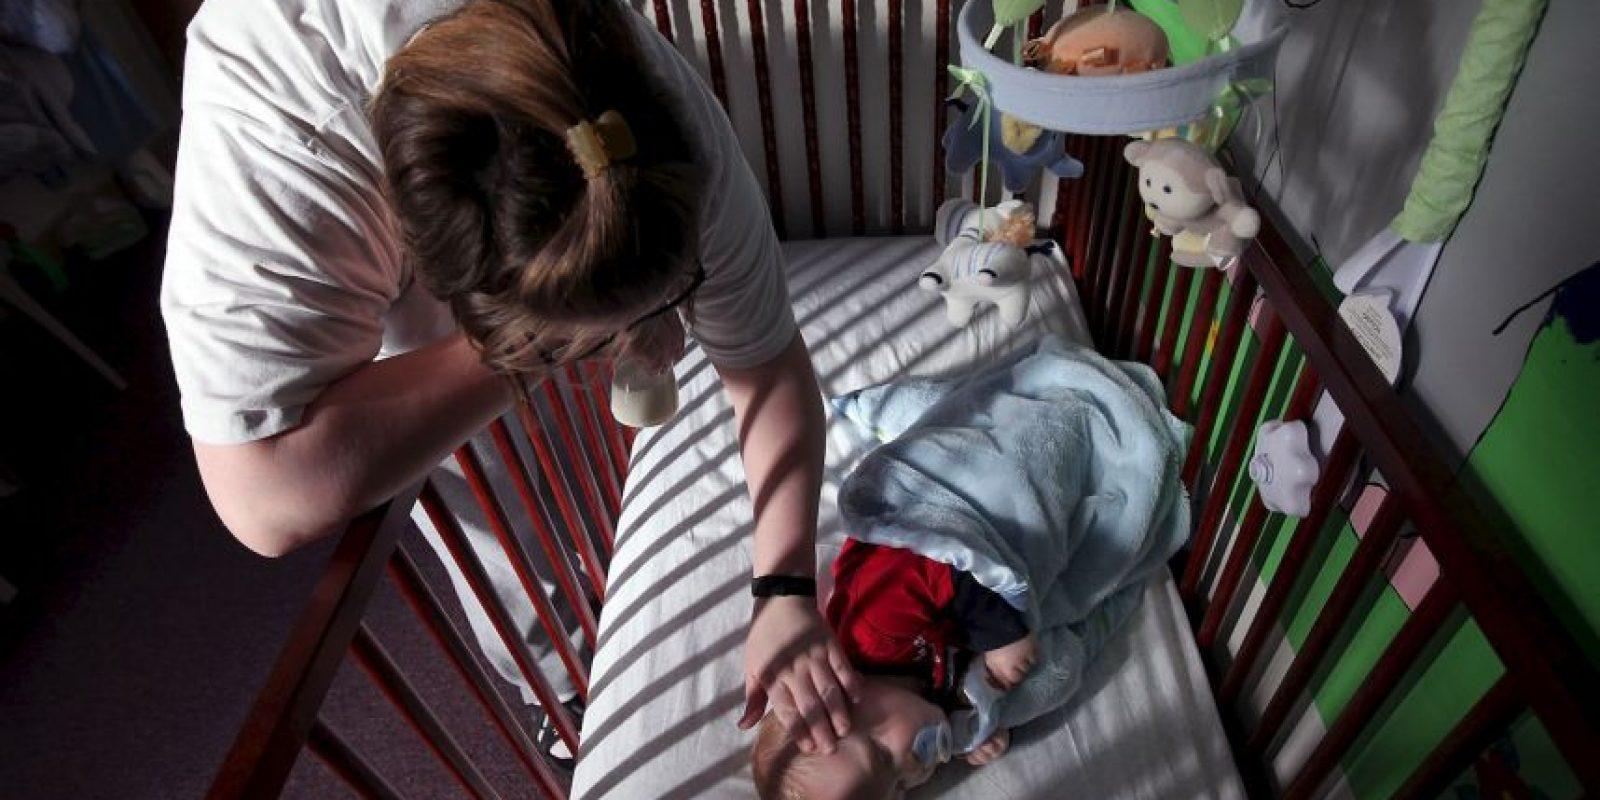 Manchas en la piel, diarrea, llanto excesivo, fiebre, sección excesiva, reflejos hiperactivos, aumento de tono muscular. Foto:Getty Images